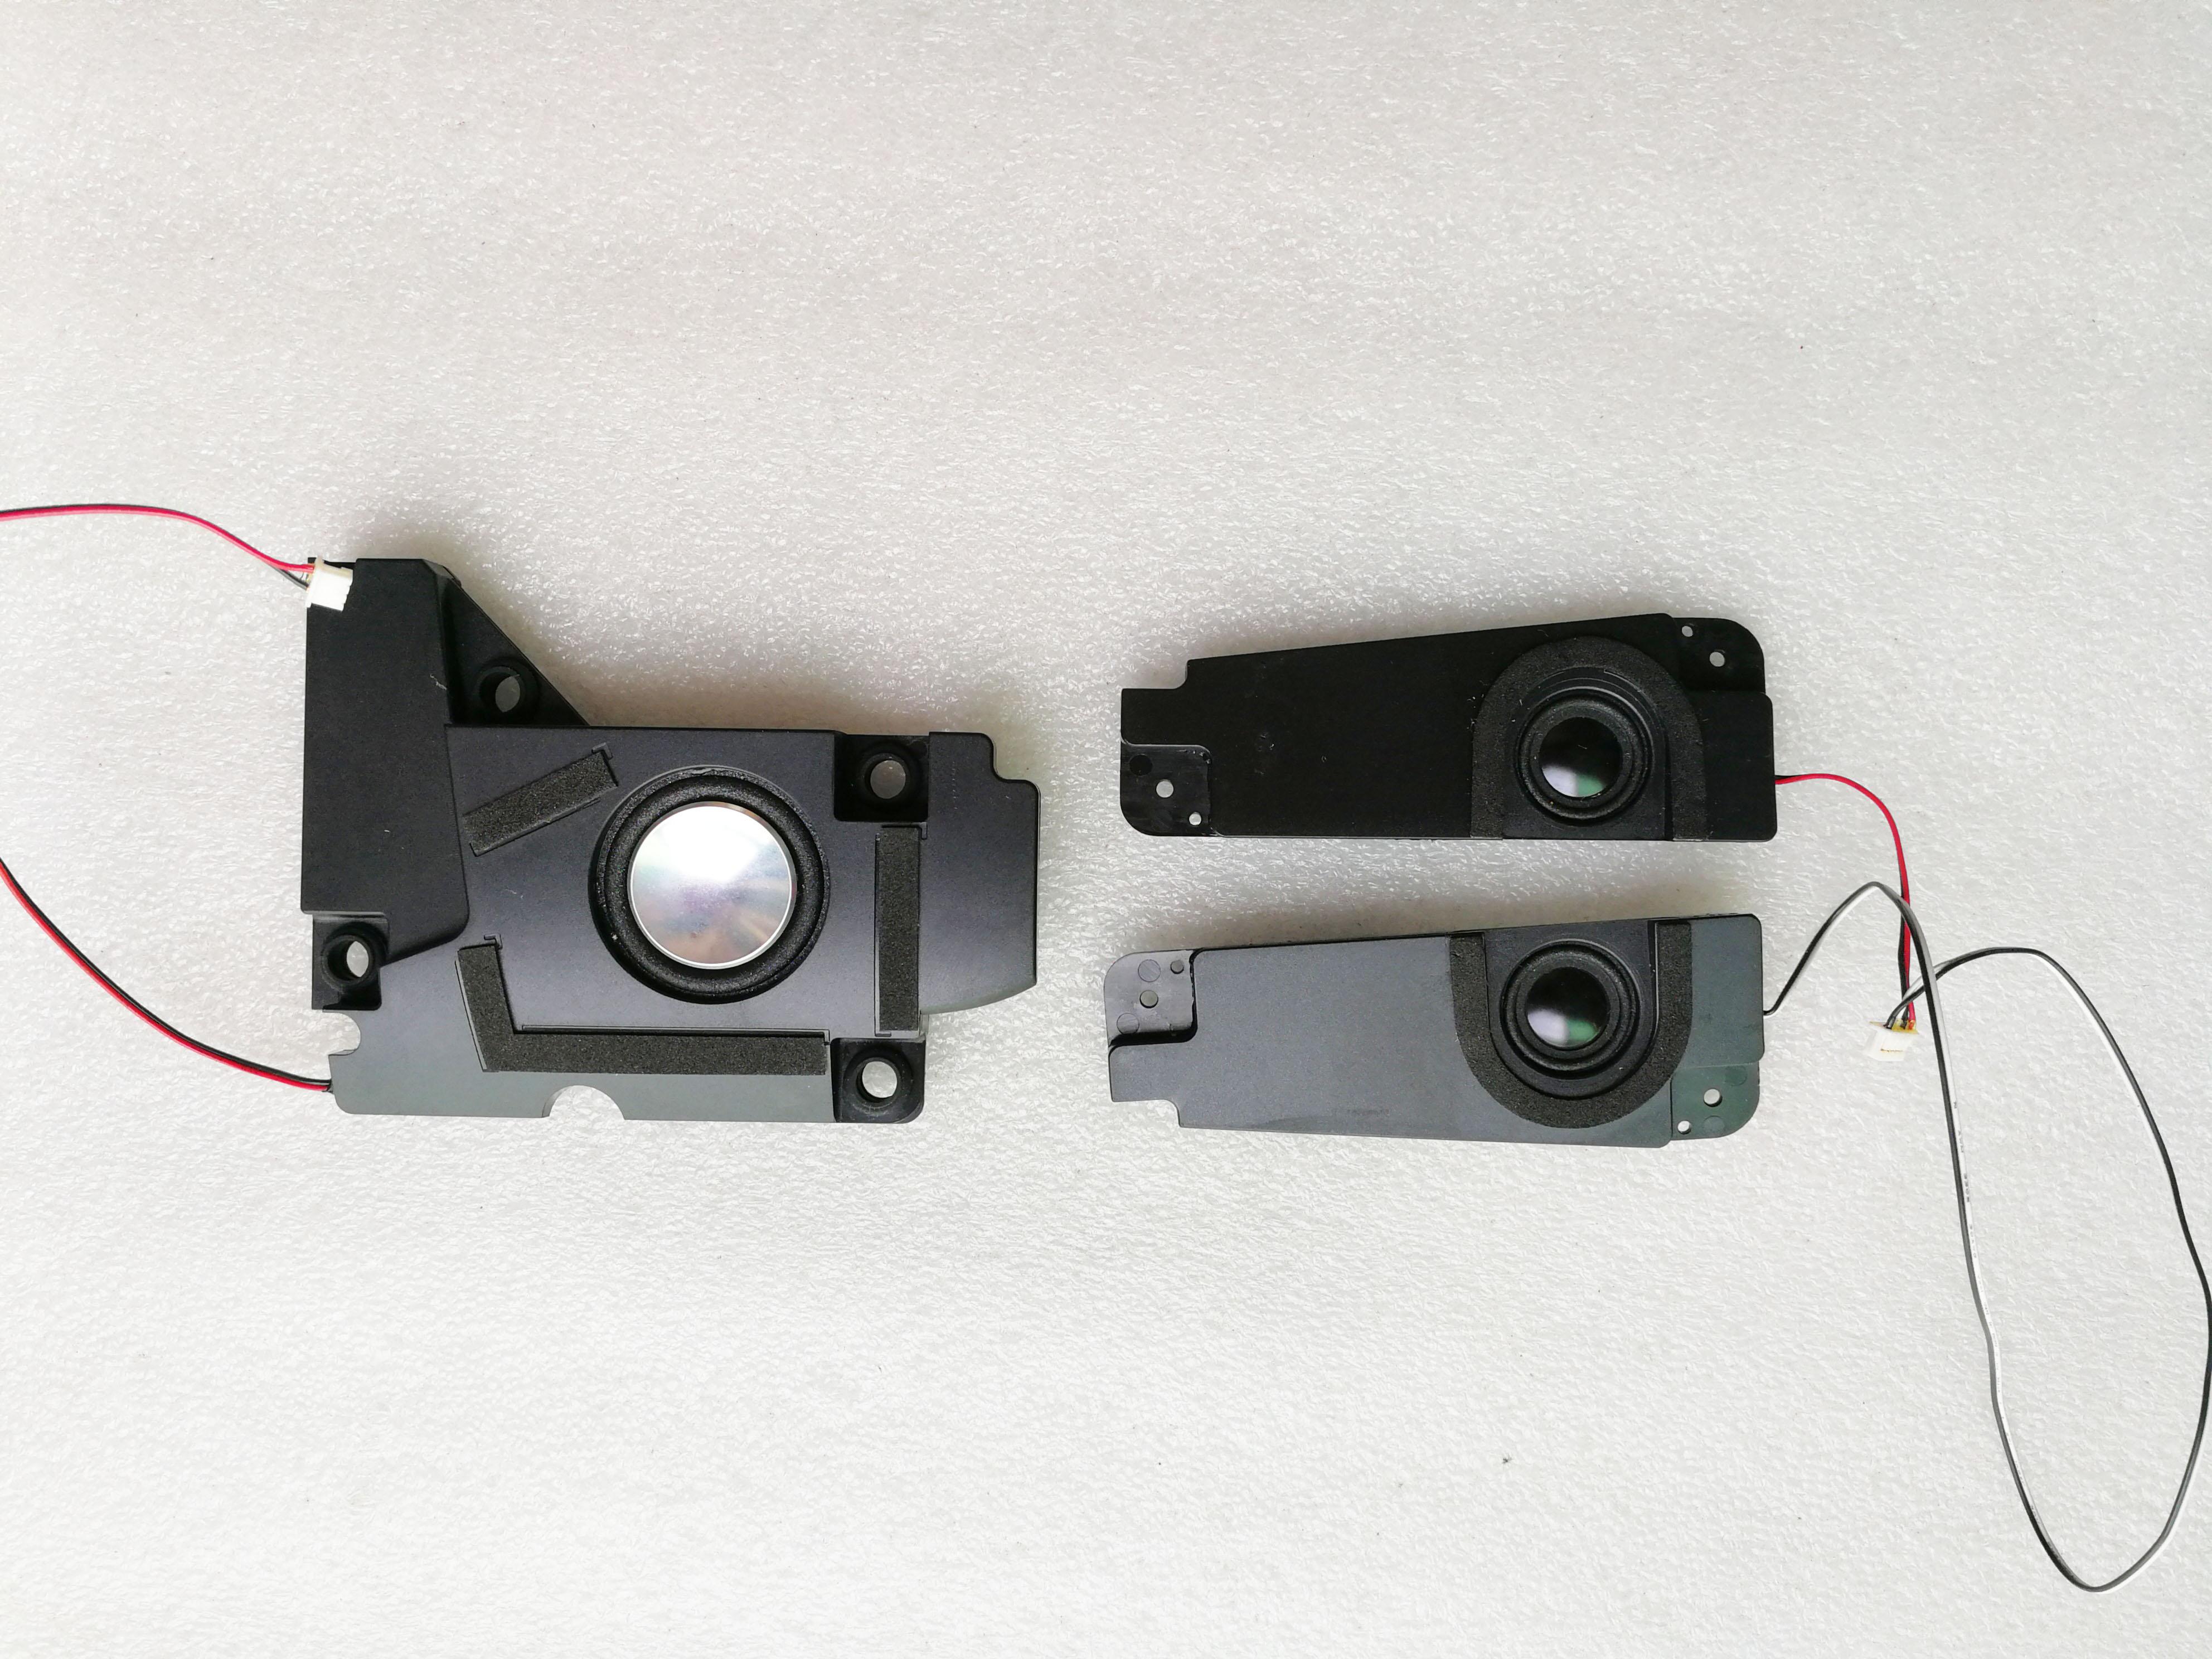 new original for asus G751 G751J speaker Subwoofernew original for asus G751 G751J speaker Subwoofer